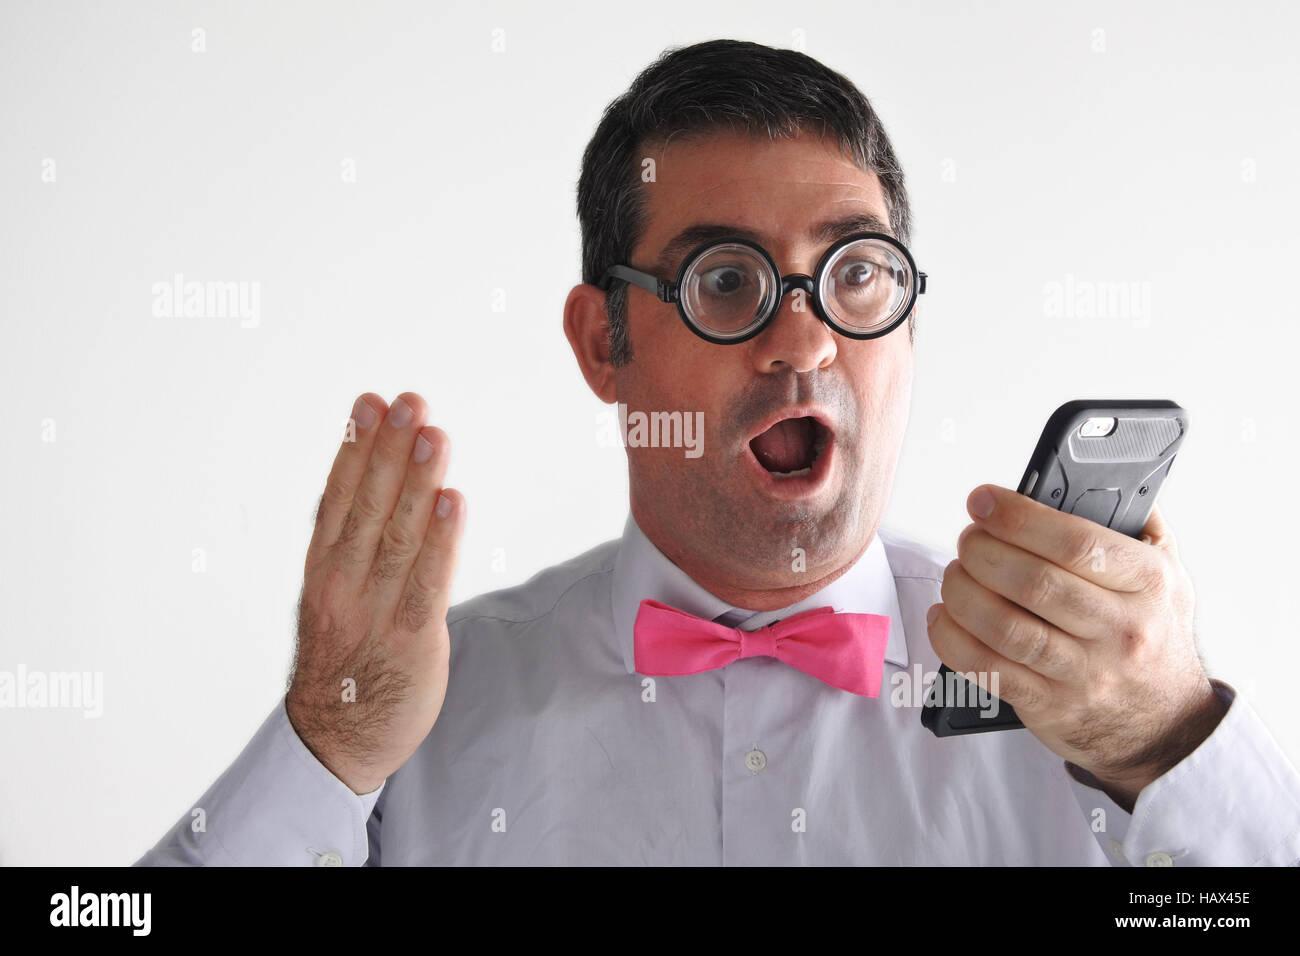 Sorprendido Geek el hombre recibe un sorprendente mensaje o llamada telefónica. El concepto de comunicación. Imagen De Stock